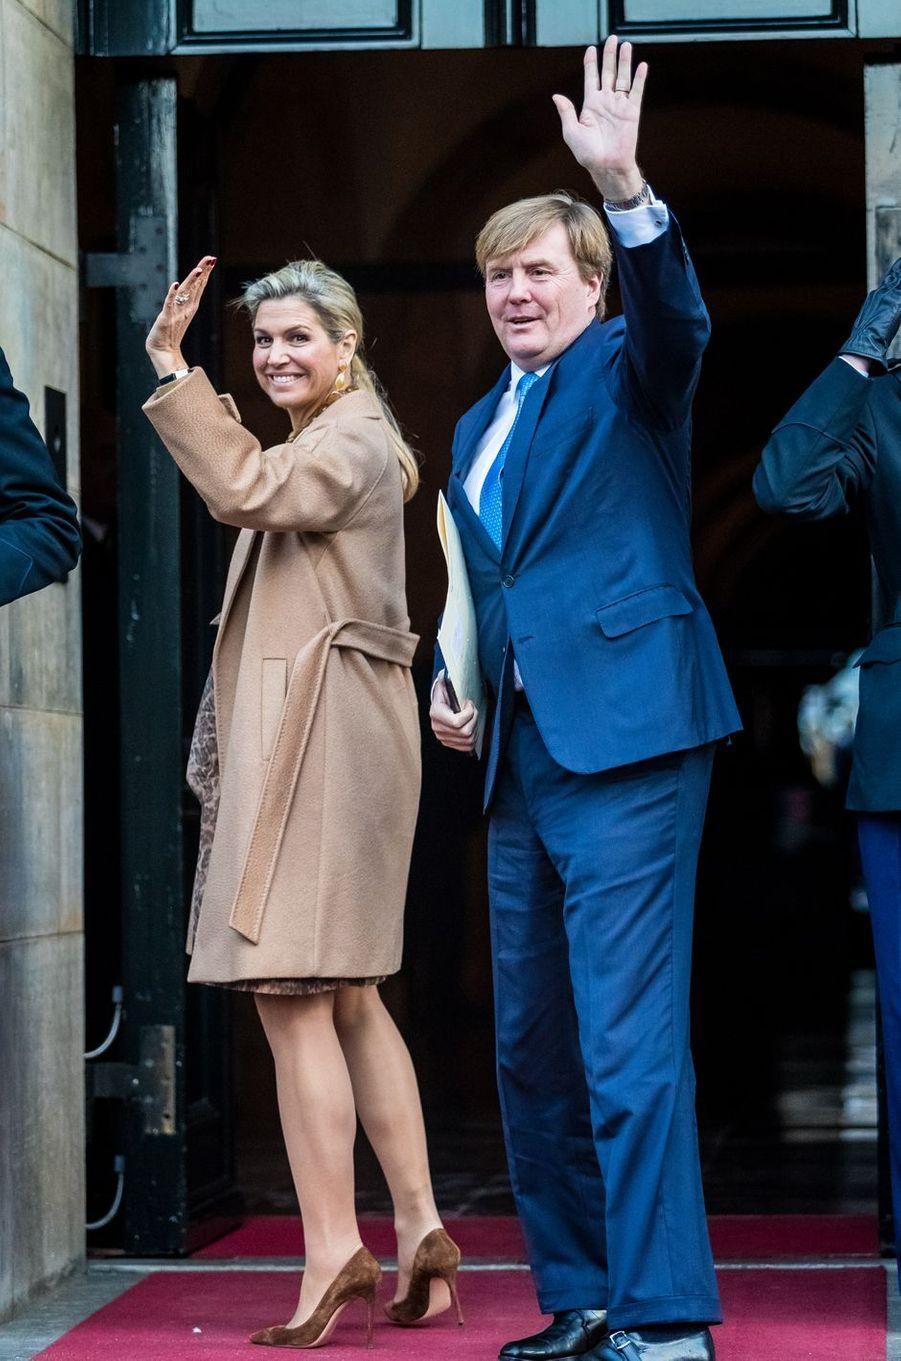 La reine Maxima et le roi Willem-Alexander des Pays-Bas arrivent au Palais royal à Amsterdam, le 6 décembre 2016